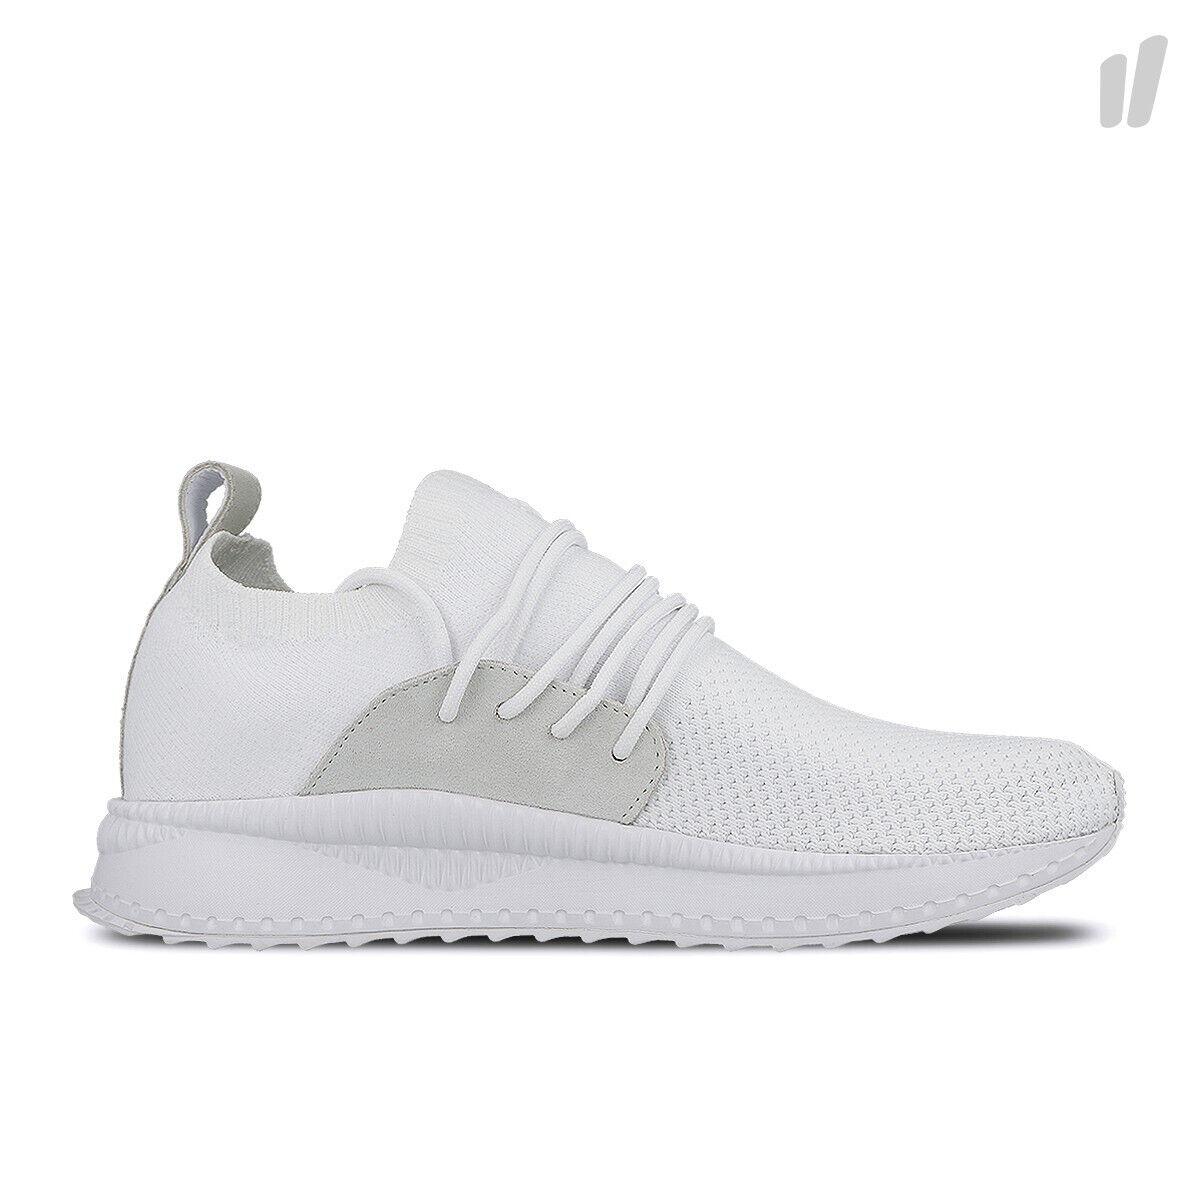 NIB  Mens Puma TSUGI Apex evoKNIT  white (366432-02)  Sneakers  NEW